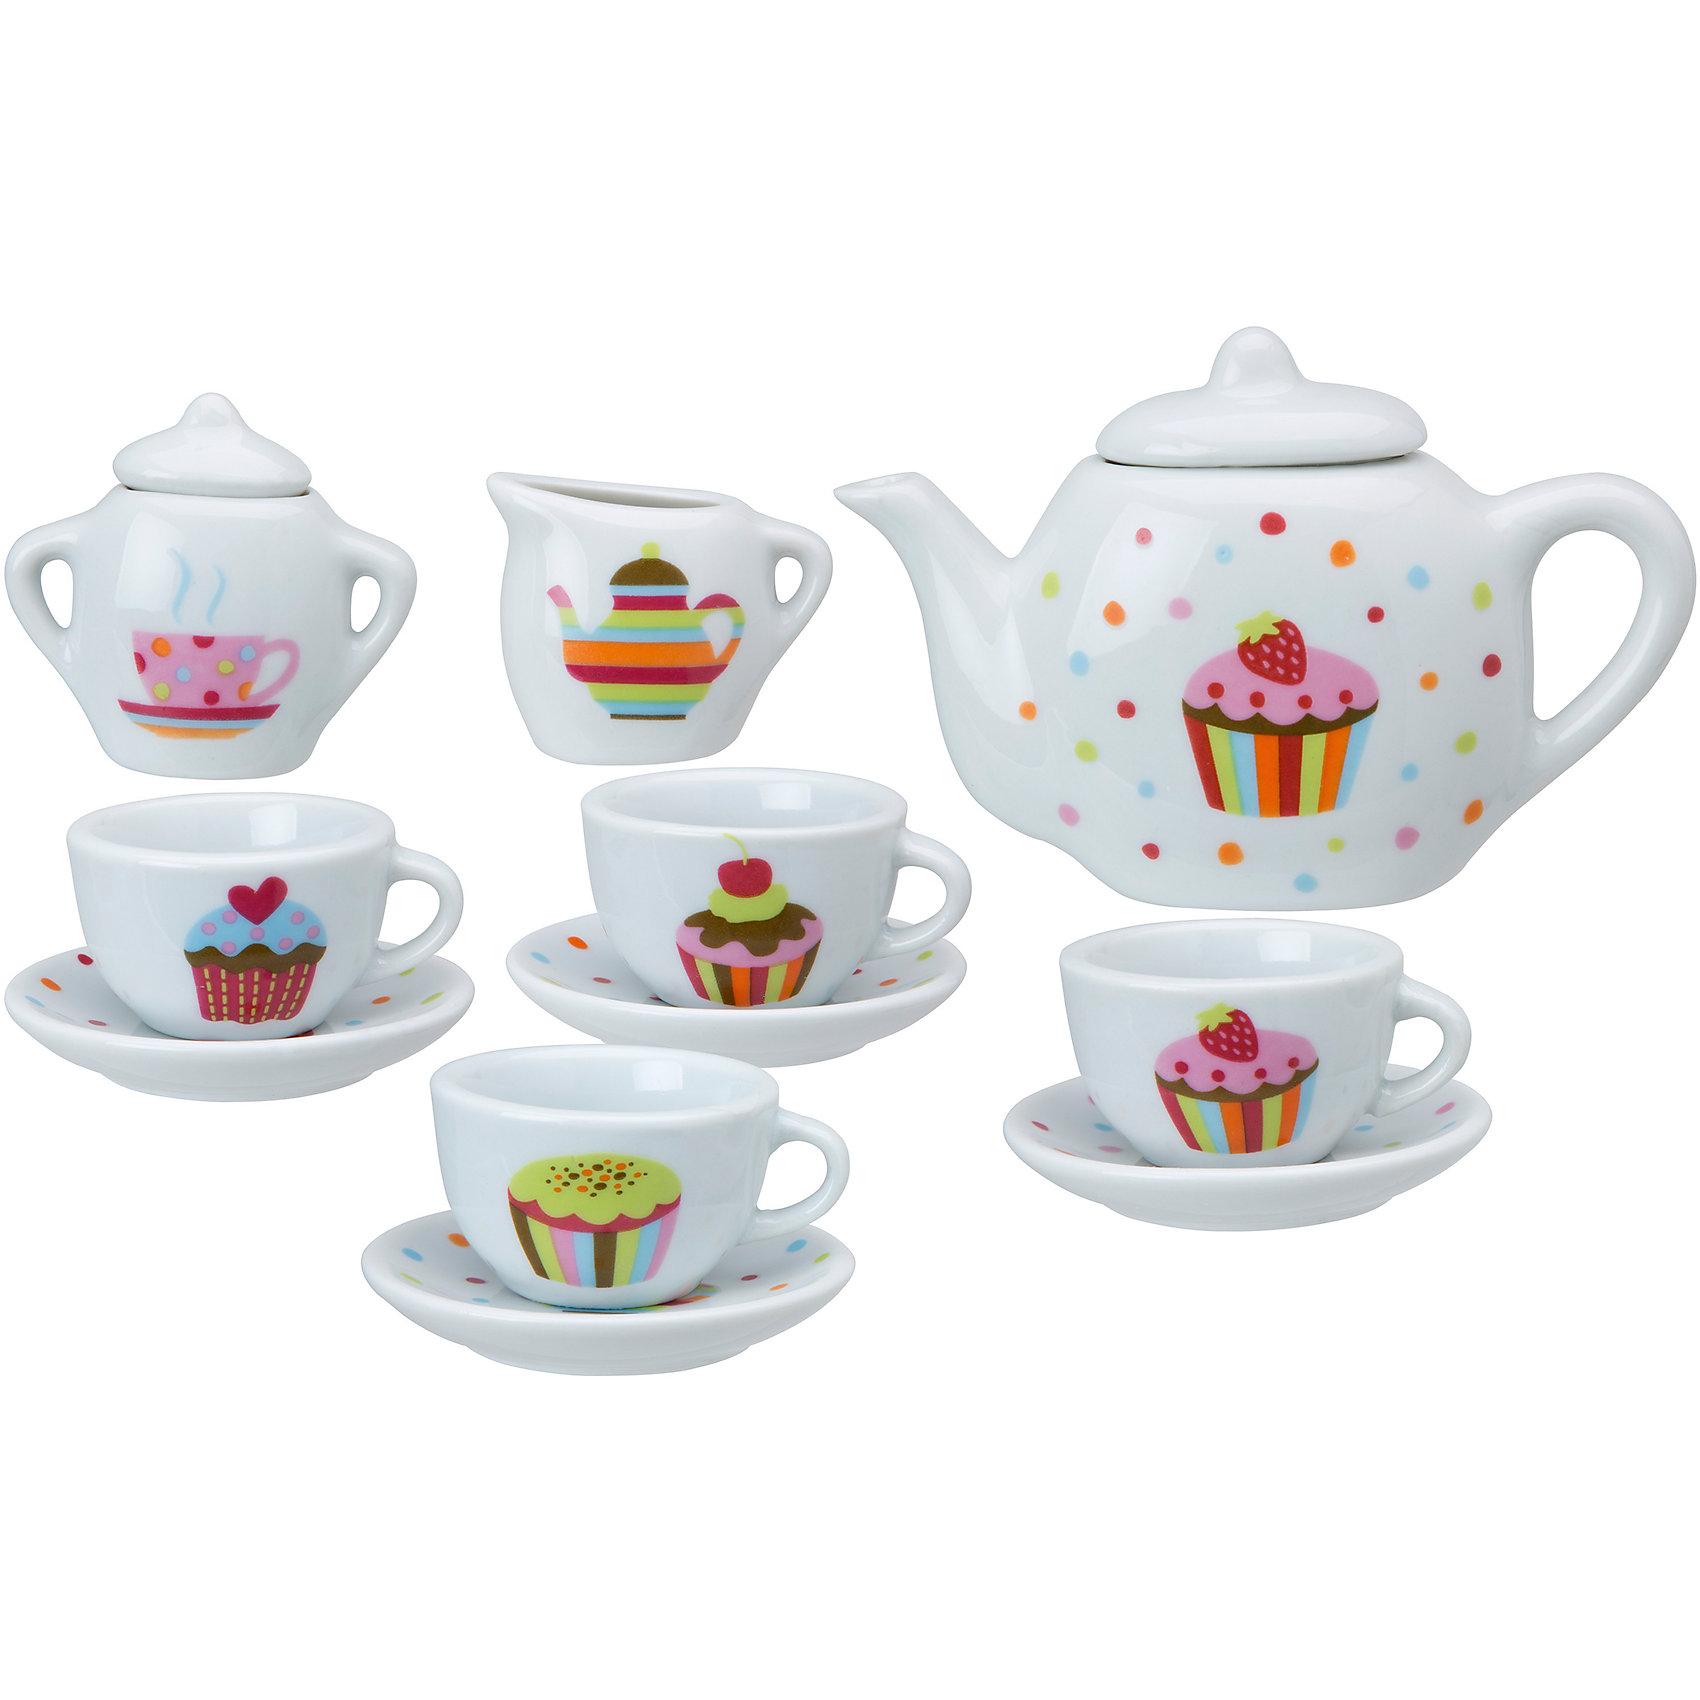 ALEX Чайный сервиз Тортик, 13 предметов, ALEX игровой набор для девочки alex чайный сервиз поймай бабочку